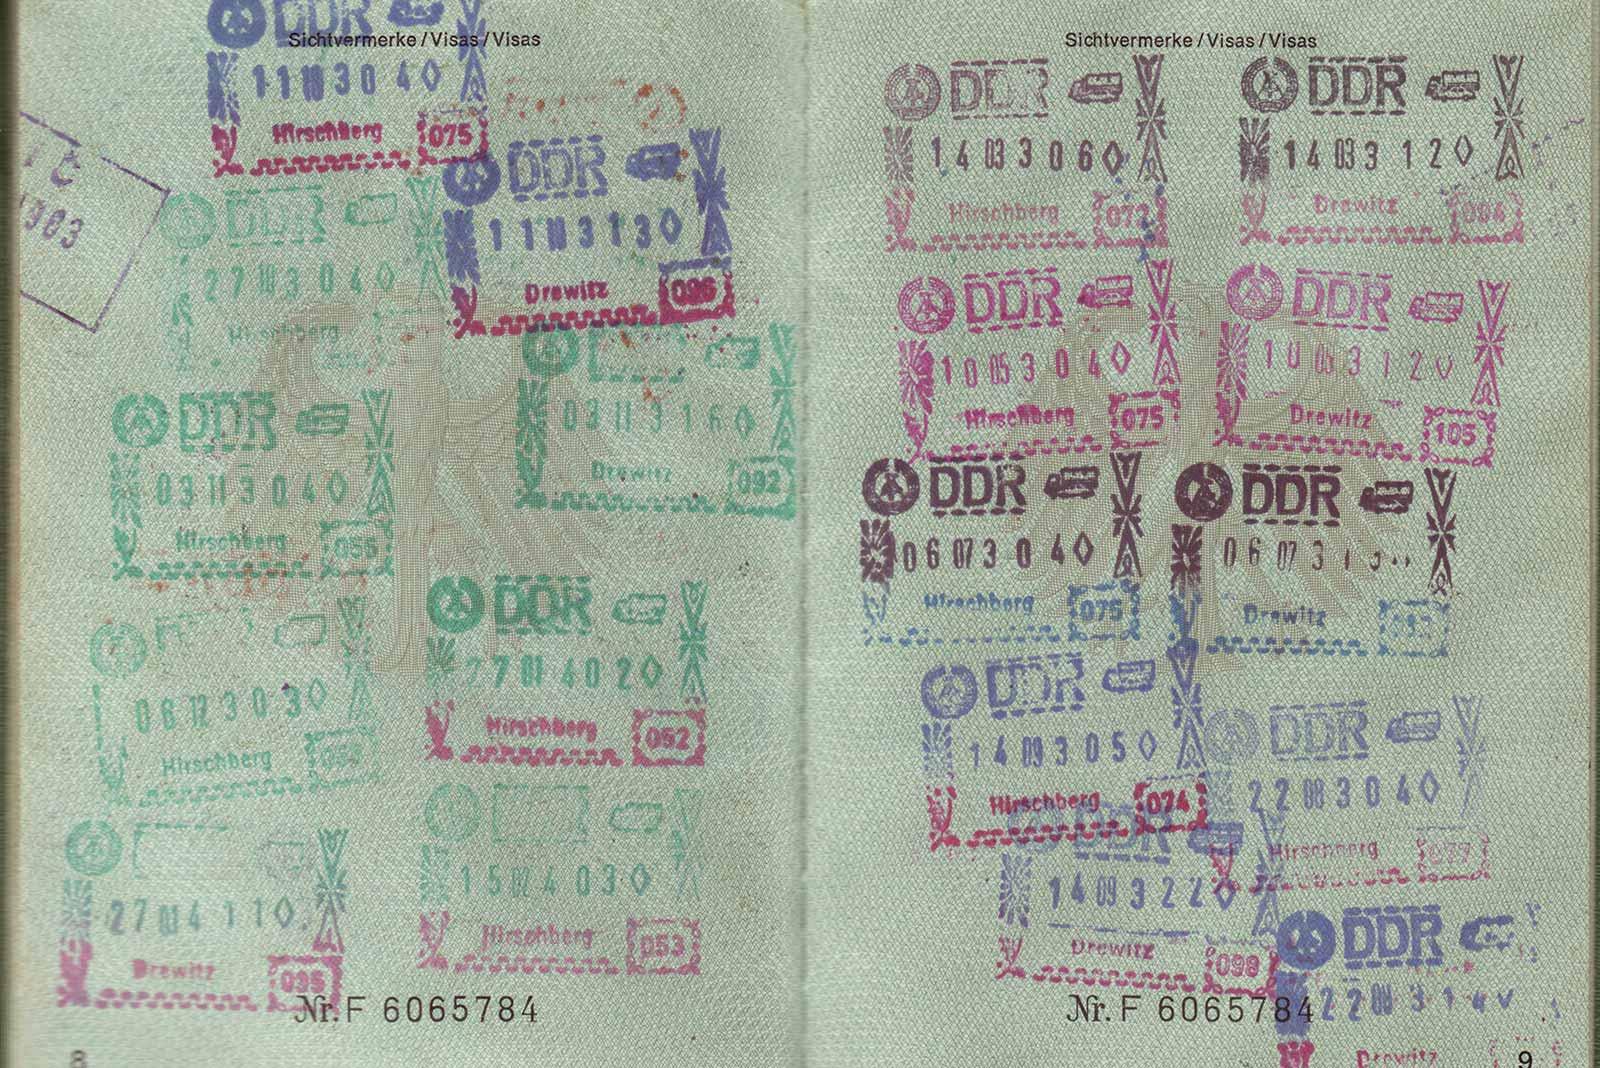 Kenyan Visa Renewed